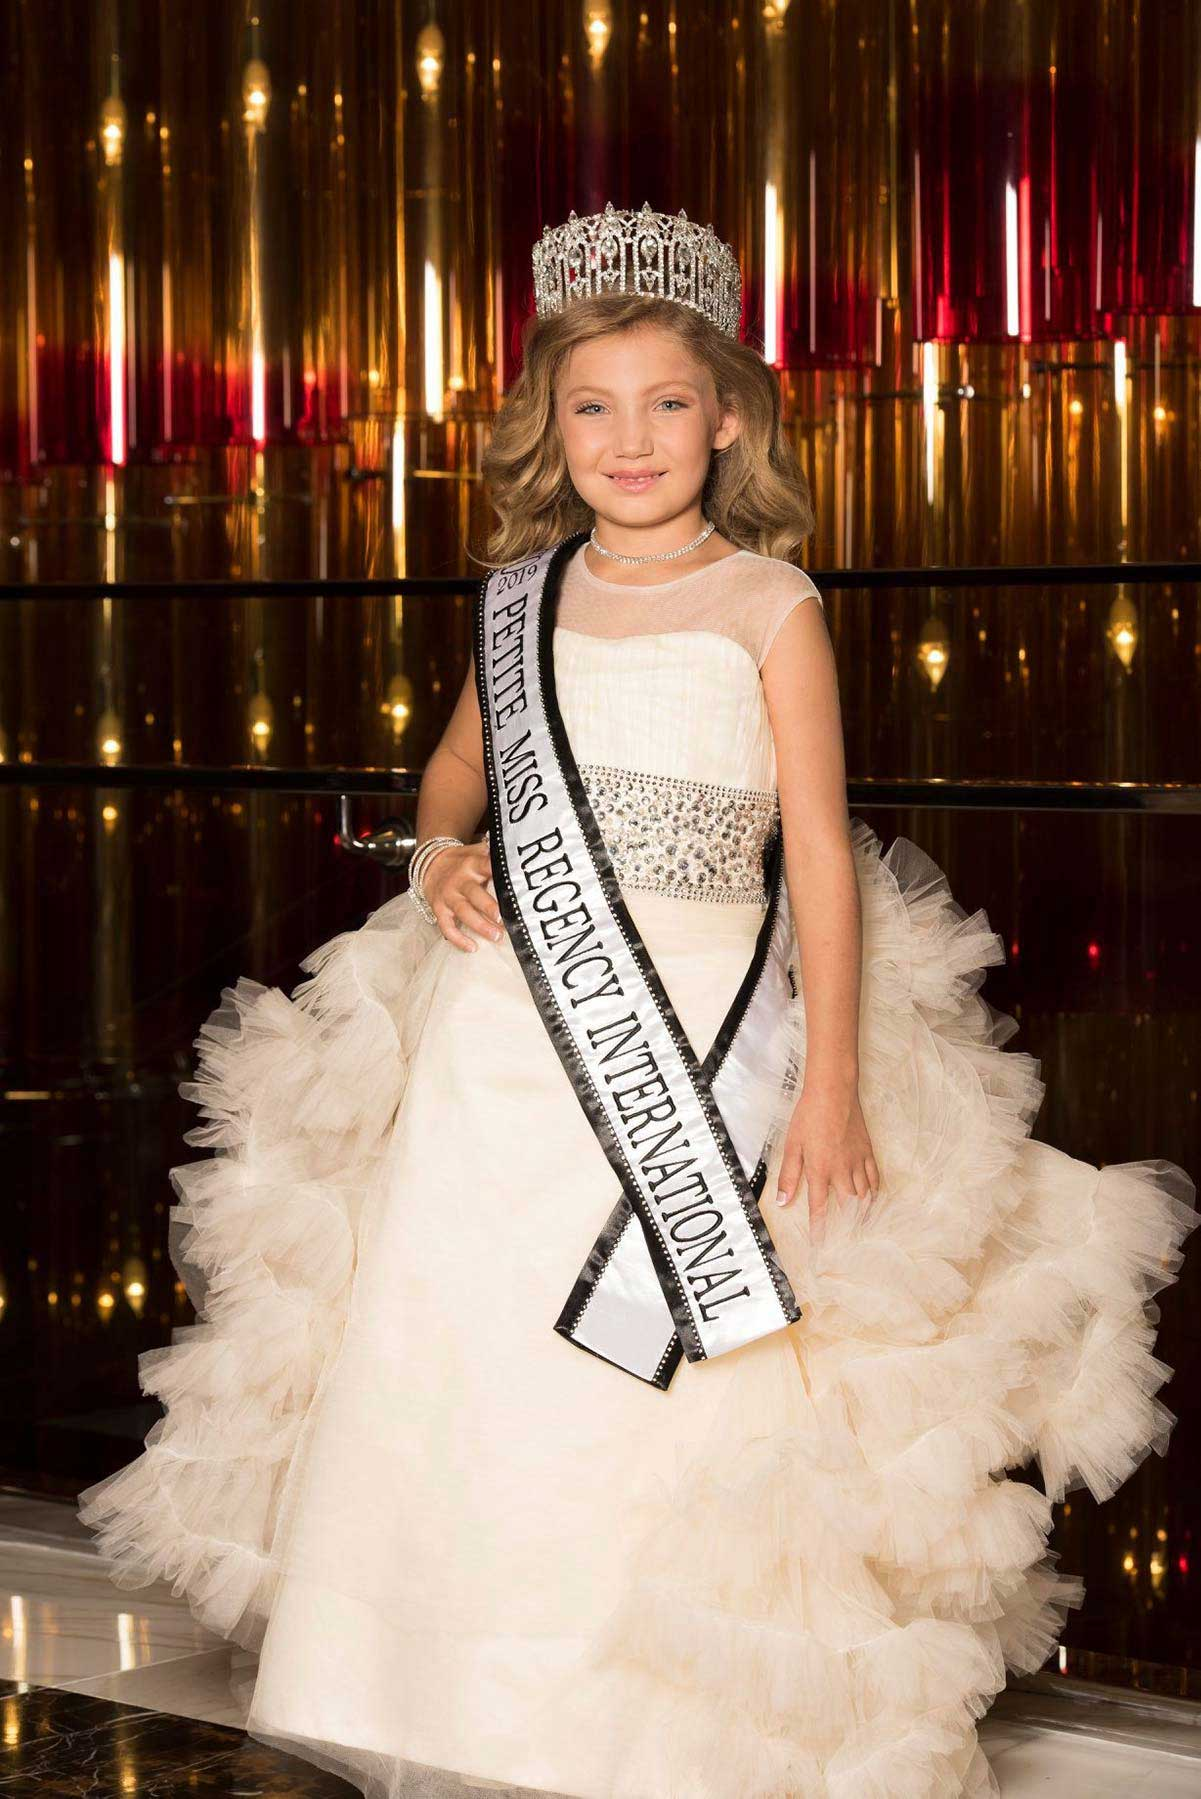 Petite-Miss-Regency-International-2019-Koty-Curtis